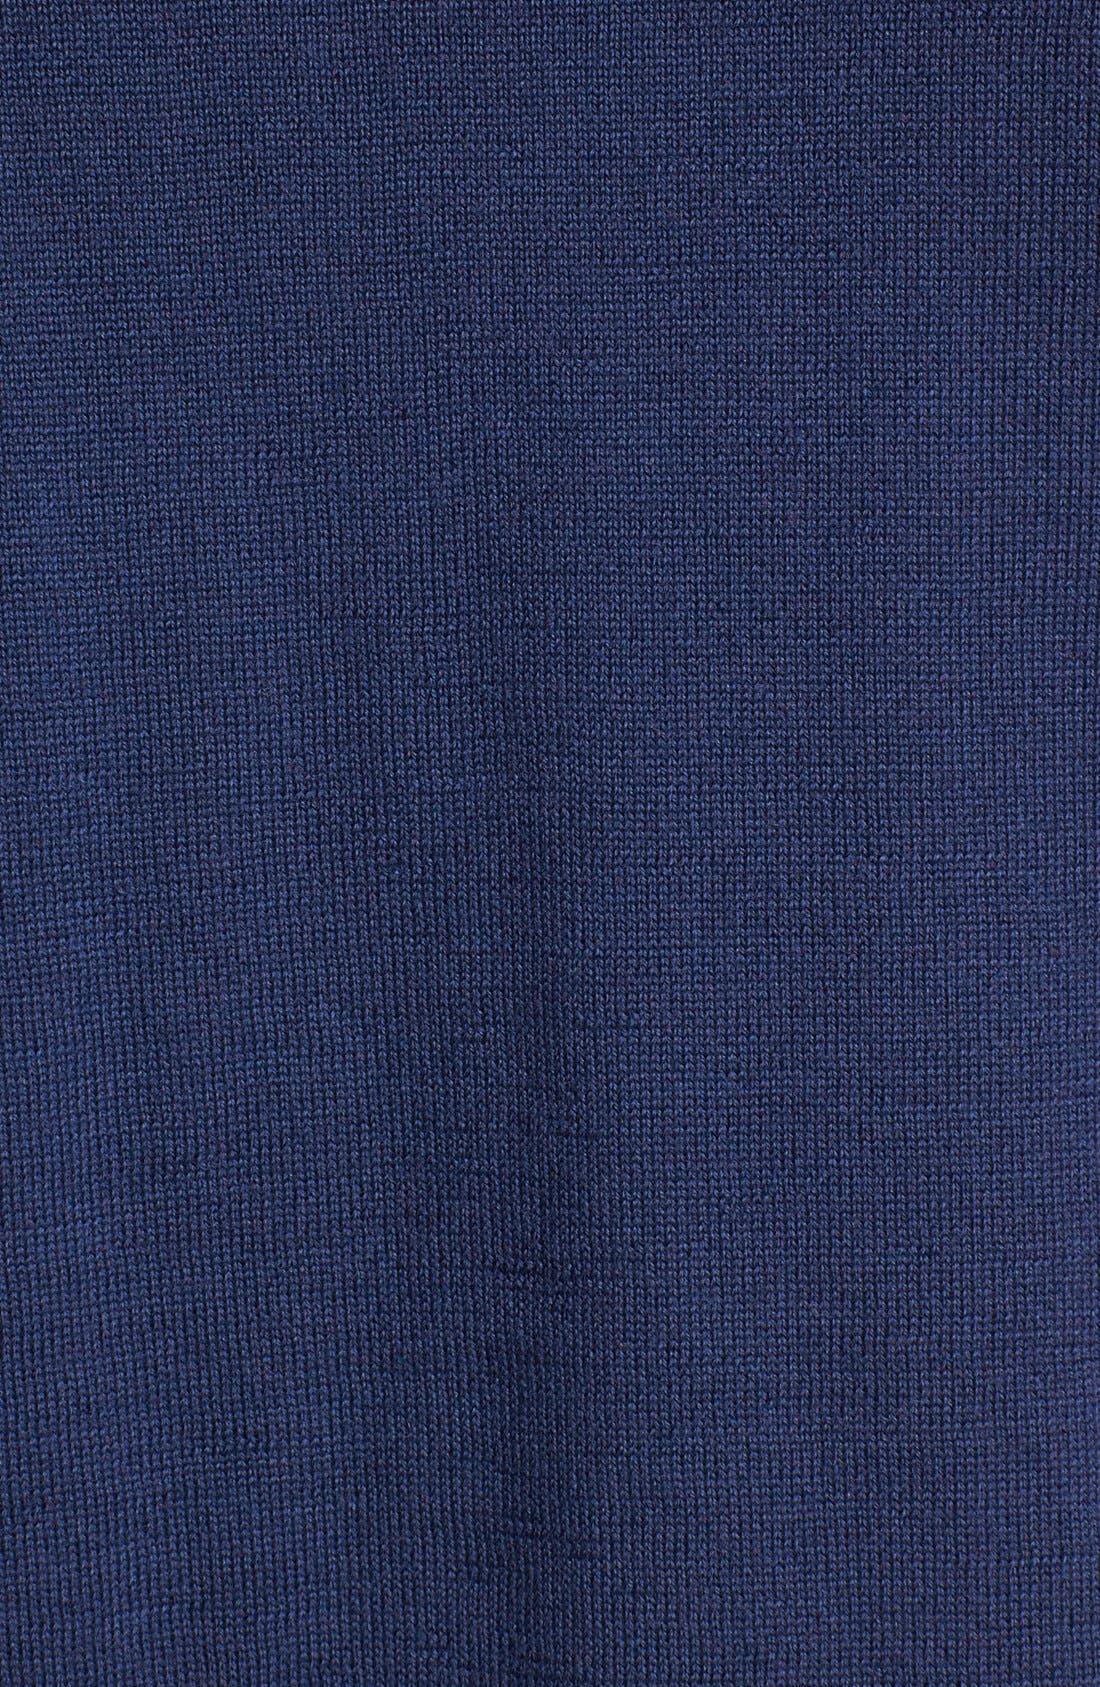 Alternate Image 3  - W.R.K 'Smith' Sweater